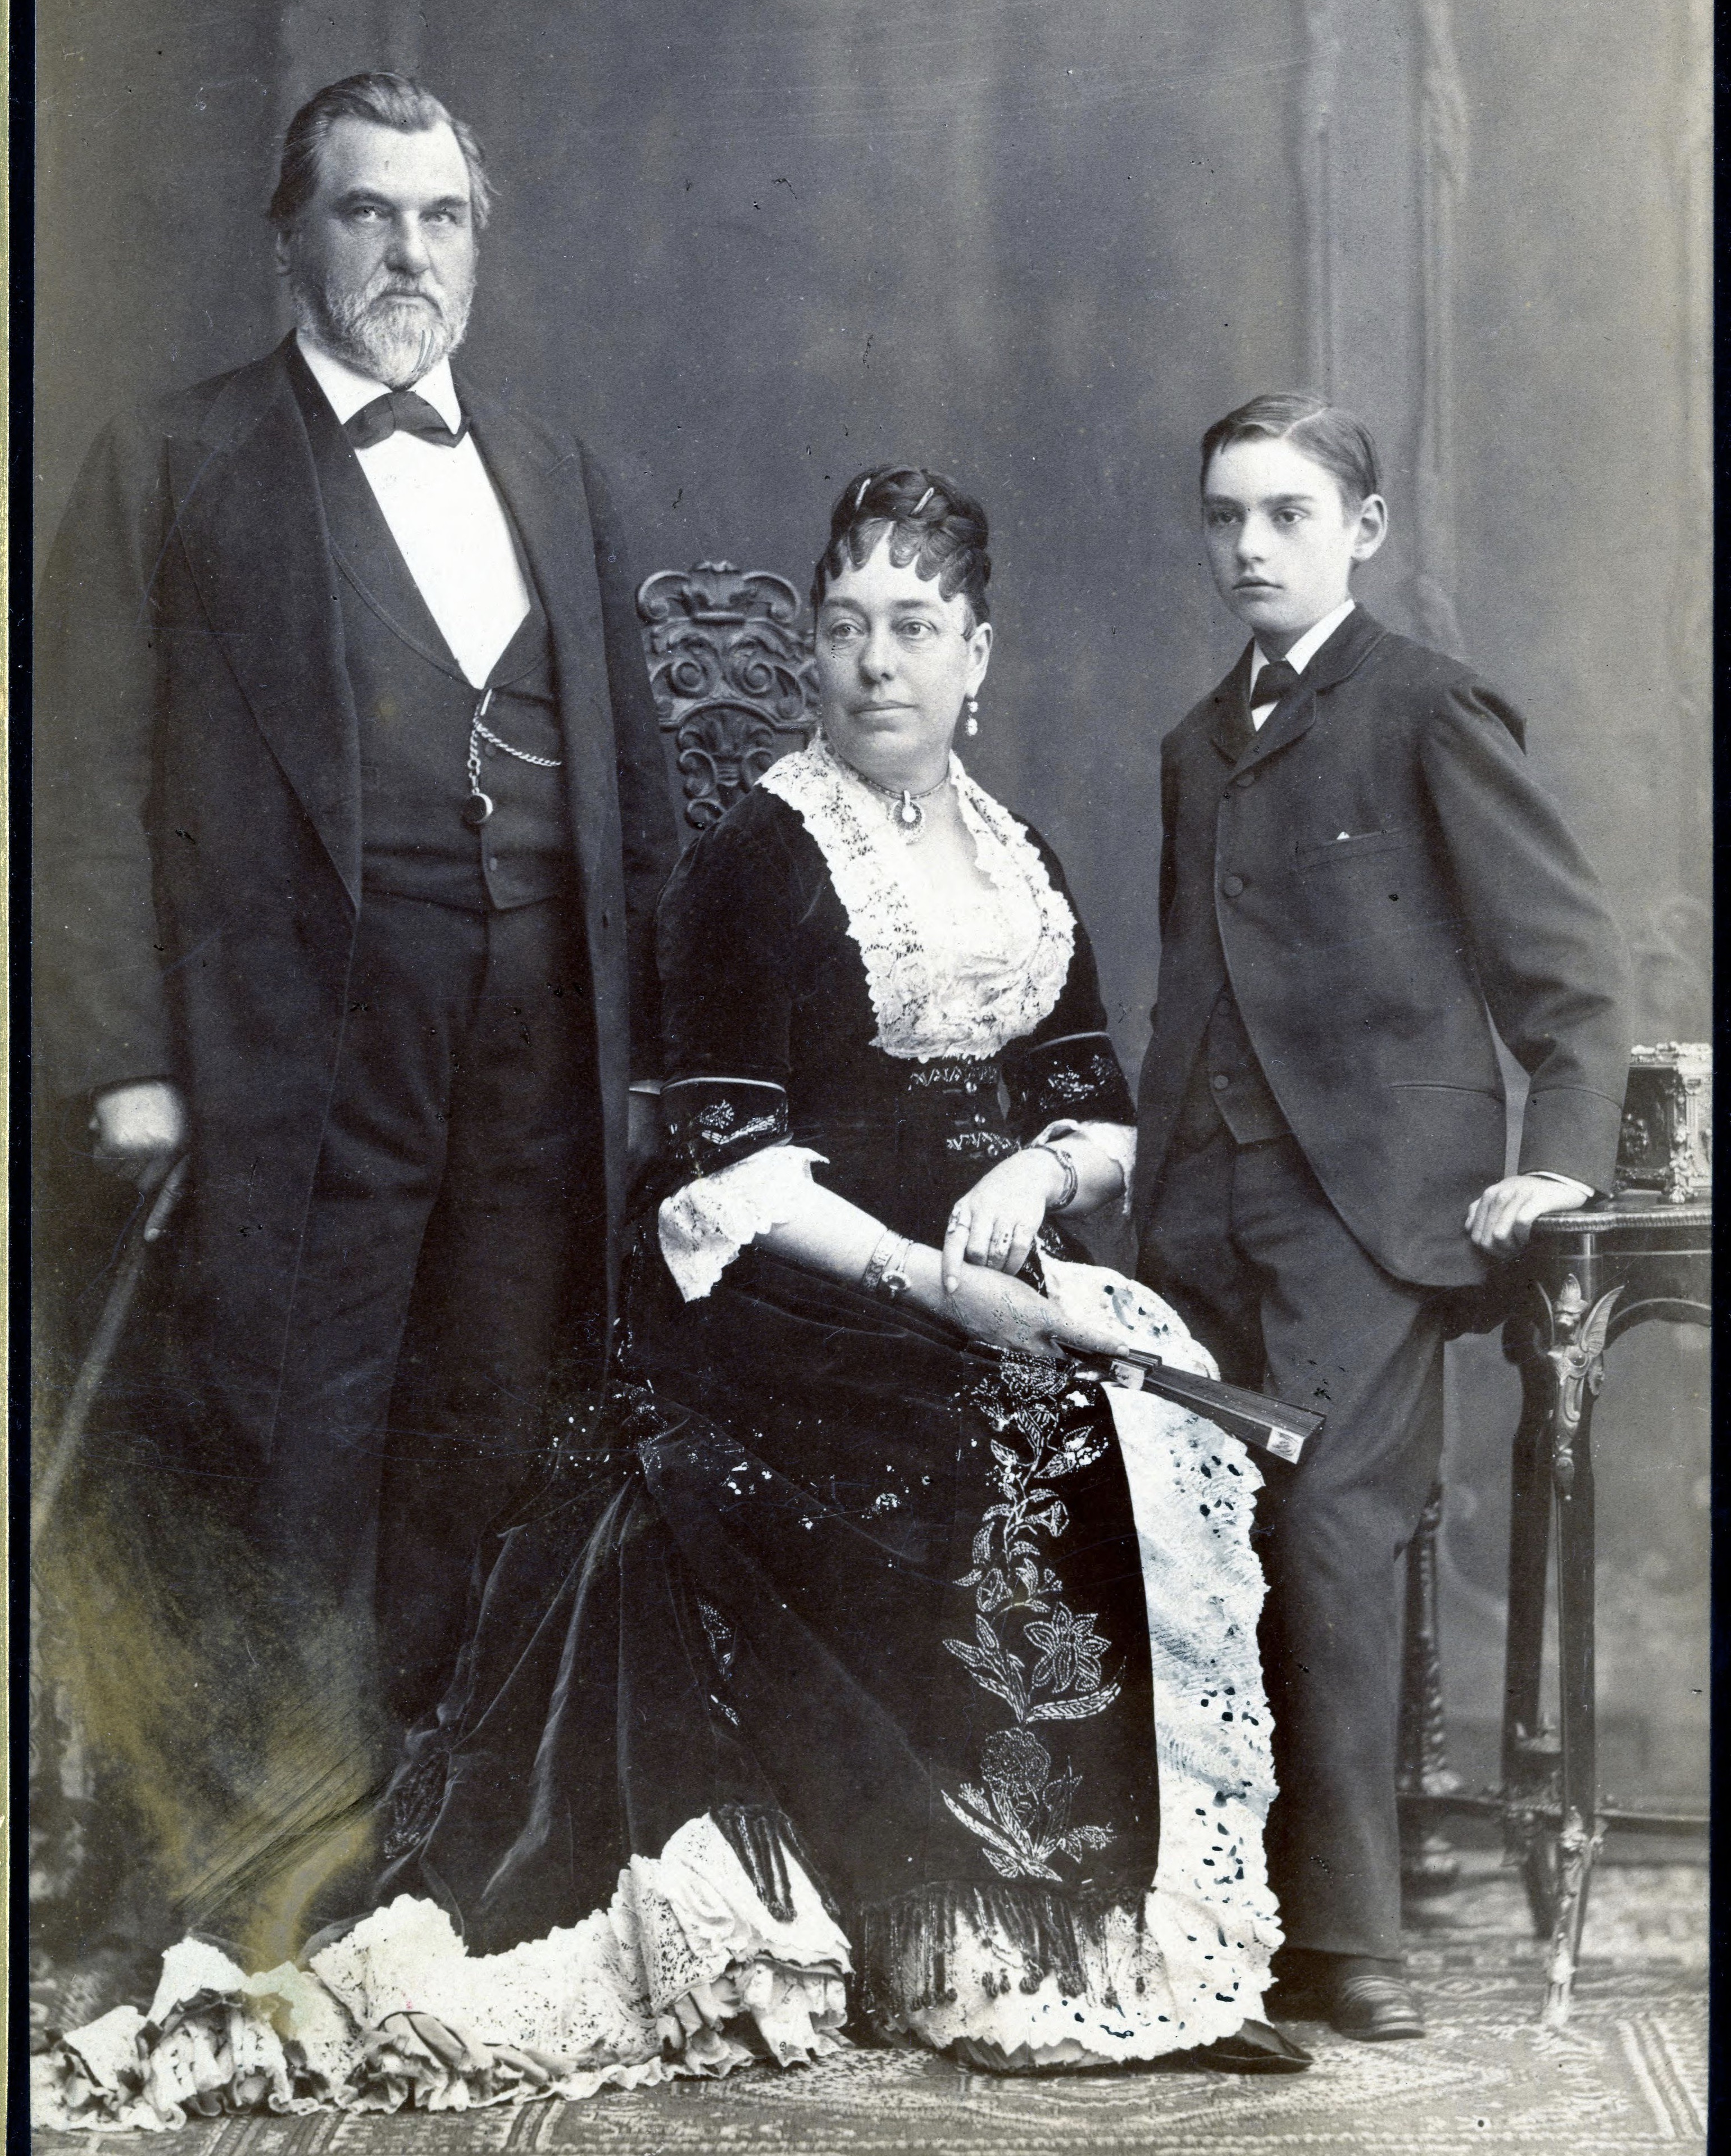 Leland, Jane and Leland Jr. Stanford in Paris c. 1881-1883.